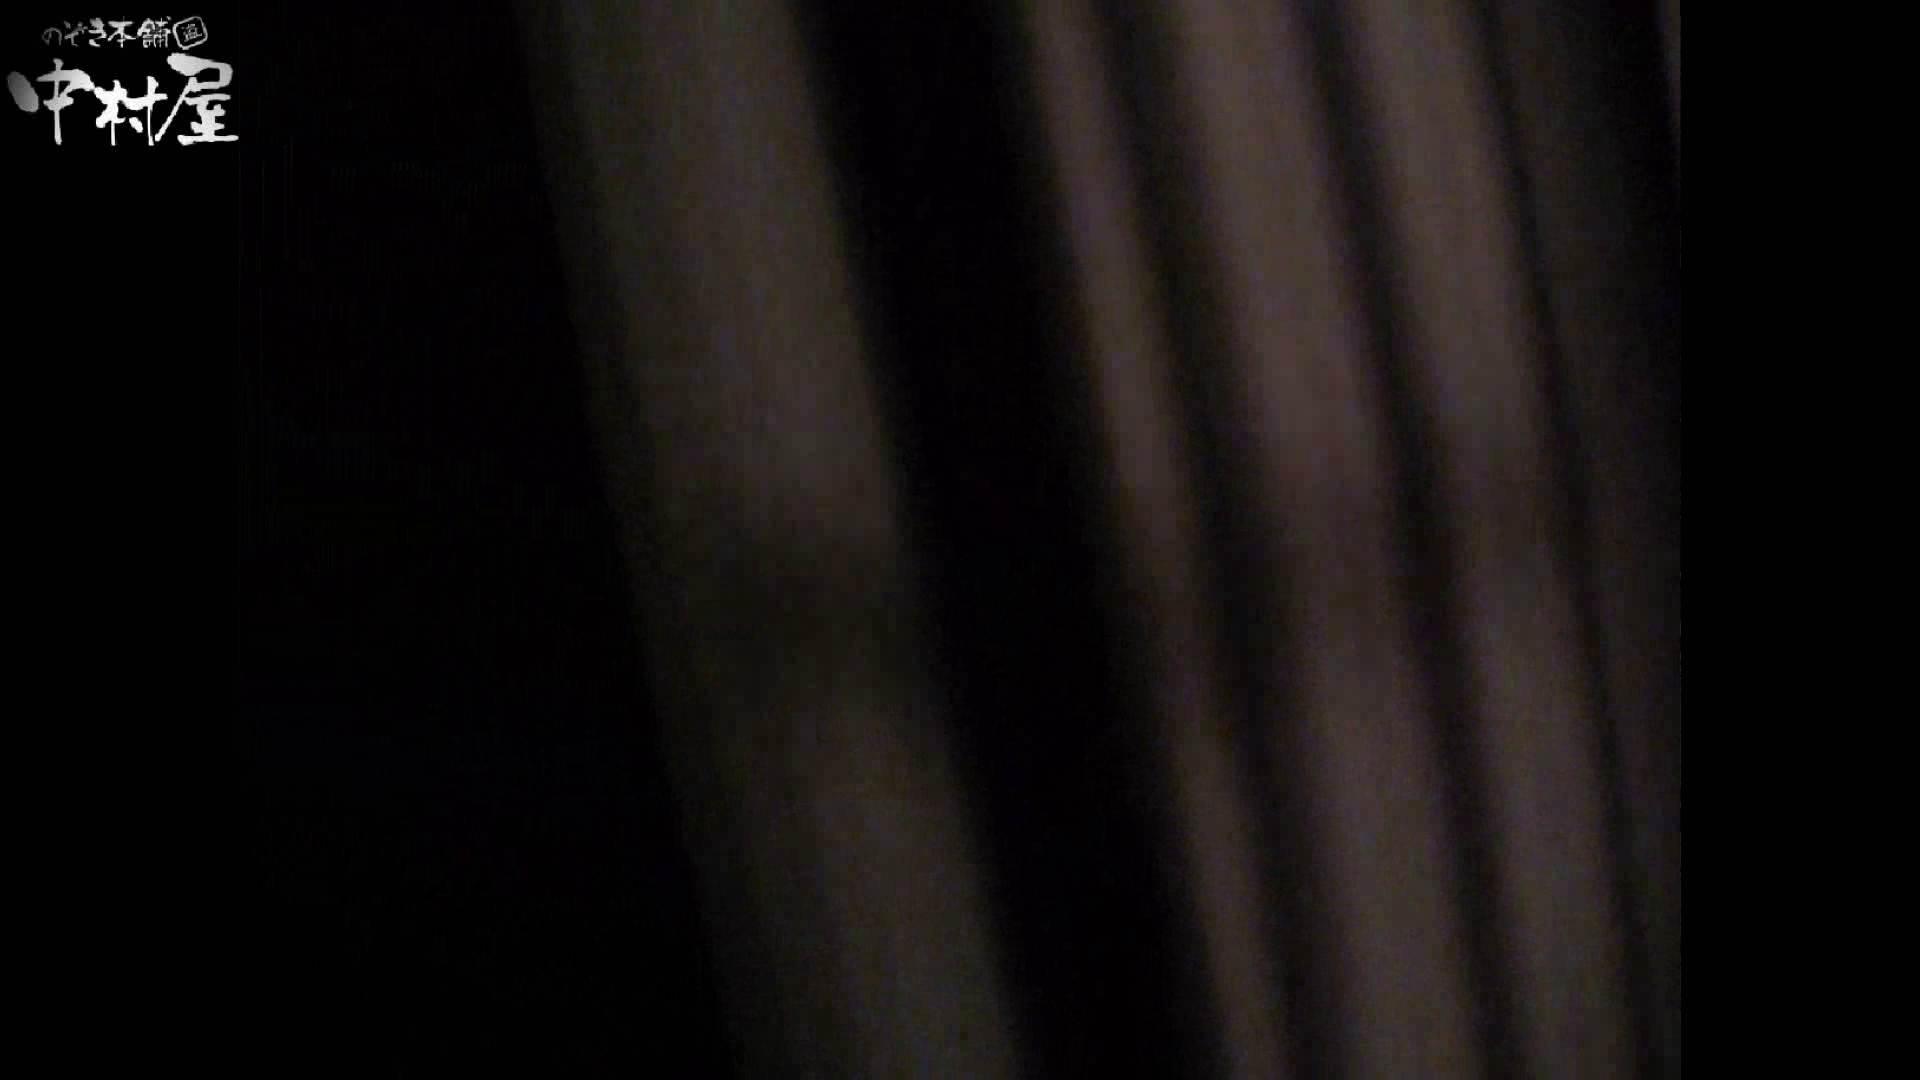 民家風呂専門盗撮師の超危険映像 vol.020 エロい美少女 セックス画像 93PIX 4